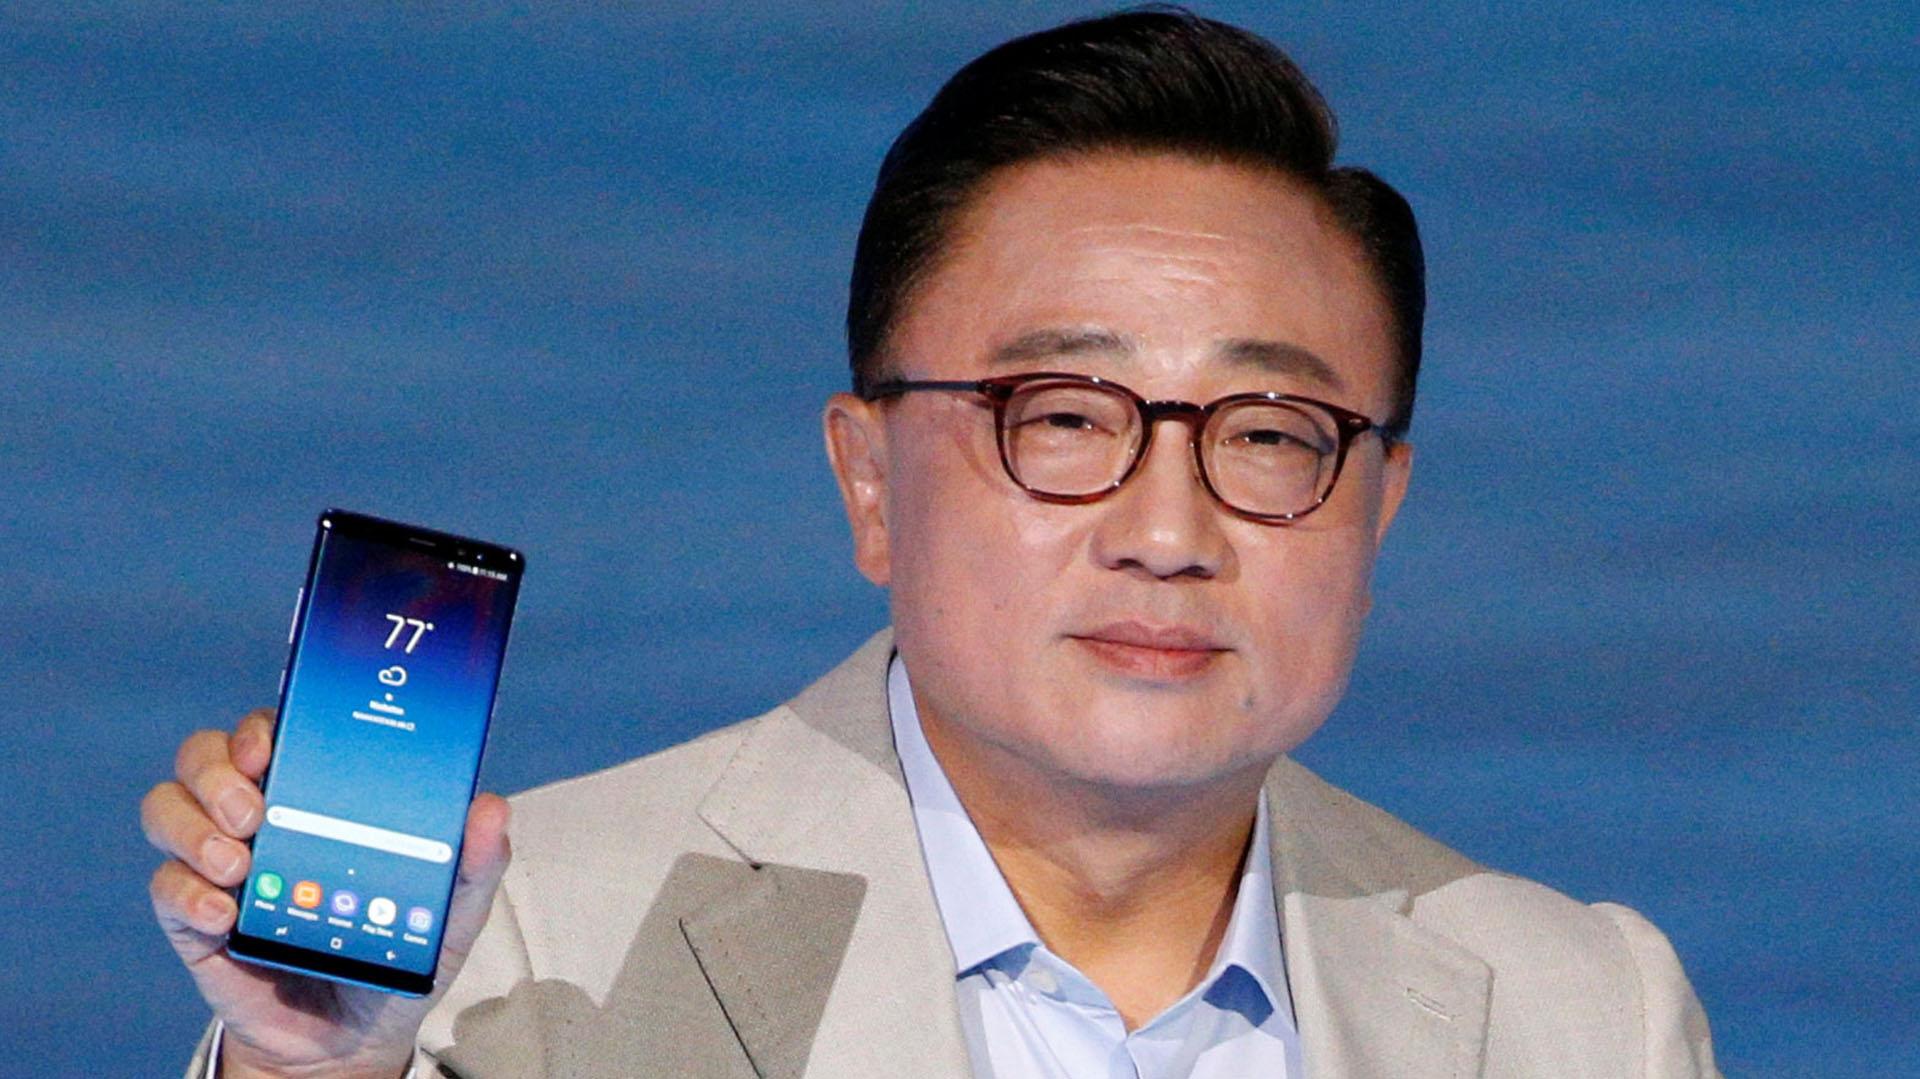 Koh Dong-jin sostiene el nuevo Galaxy Note 8